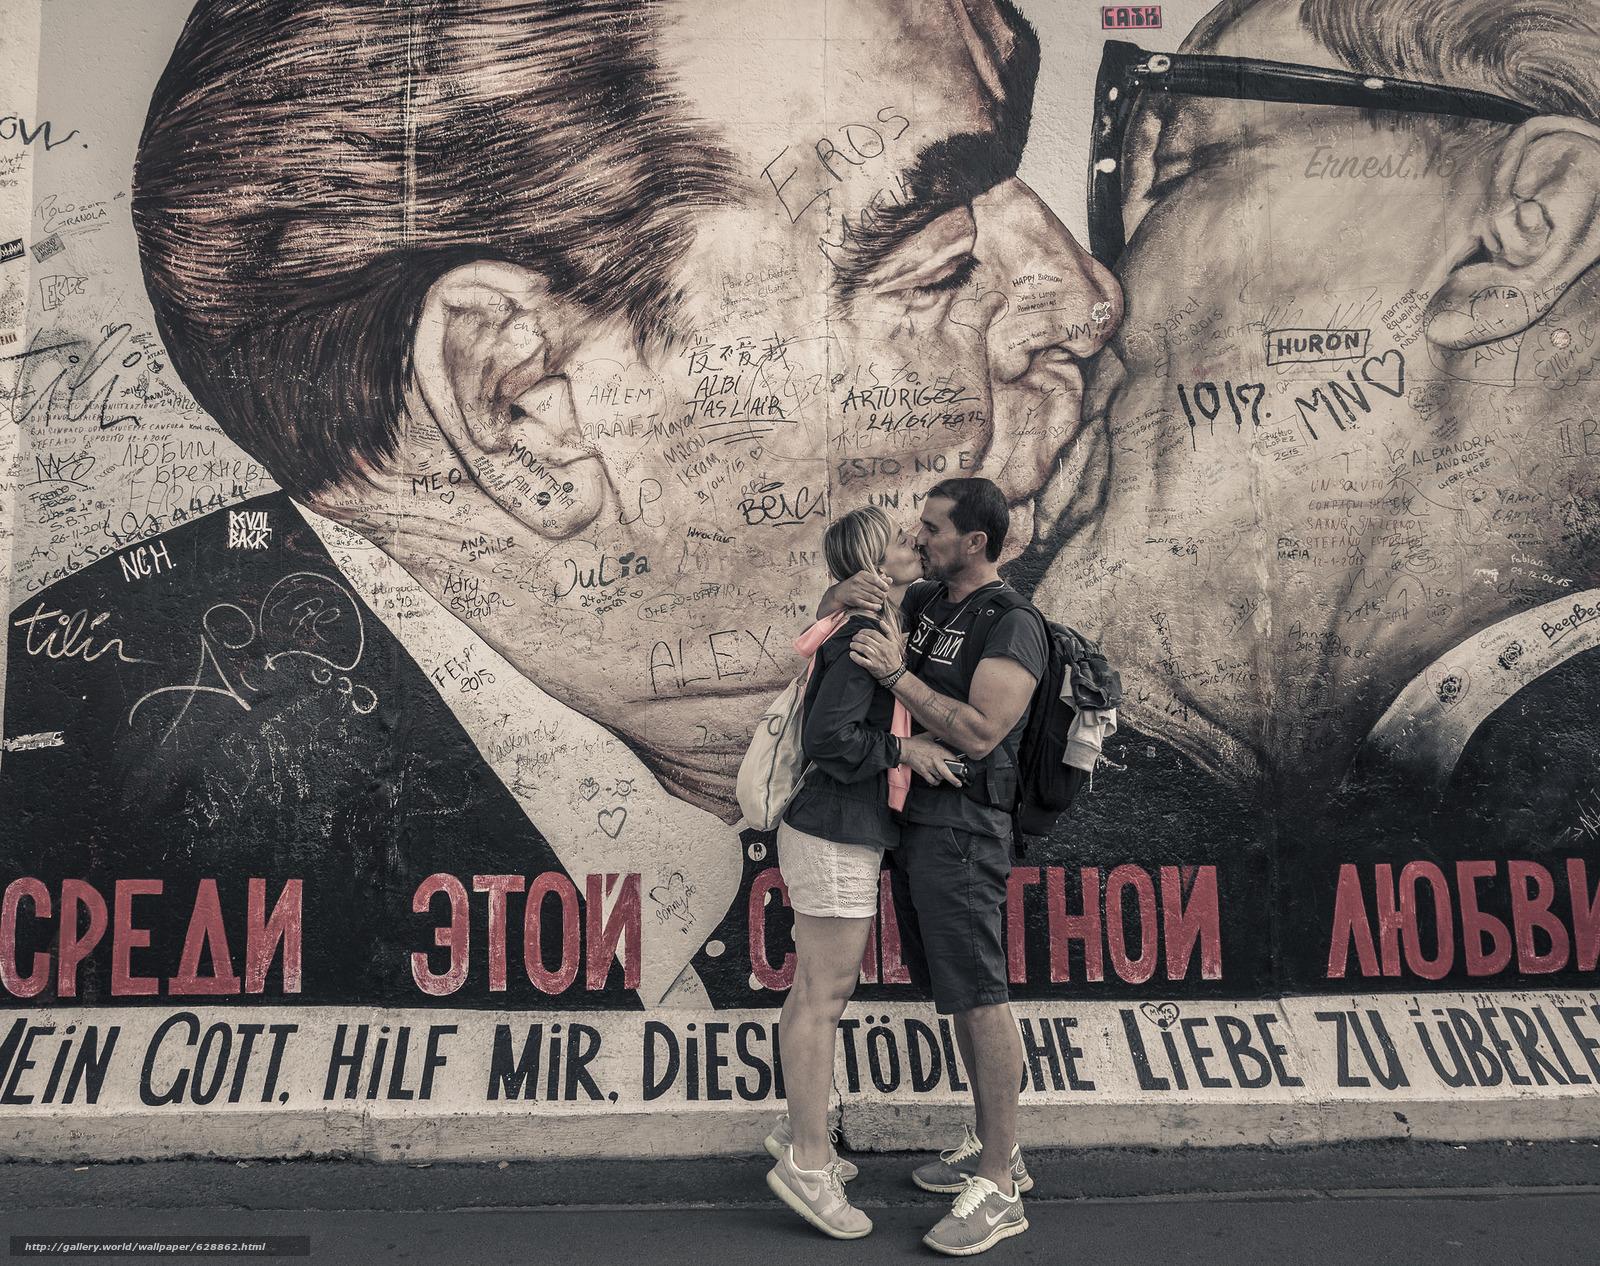 мужчина, женщина, поцелуй, любовь, Леонид Брежнев, Эрих Хонеккер, стена, рисунок, автографы